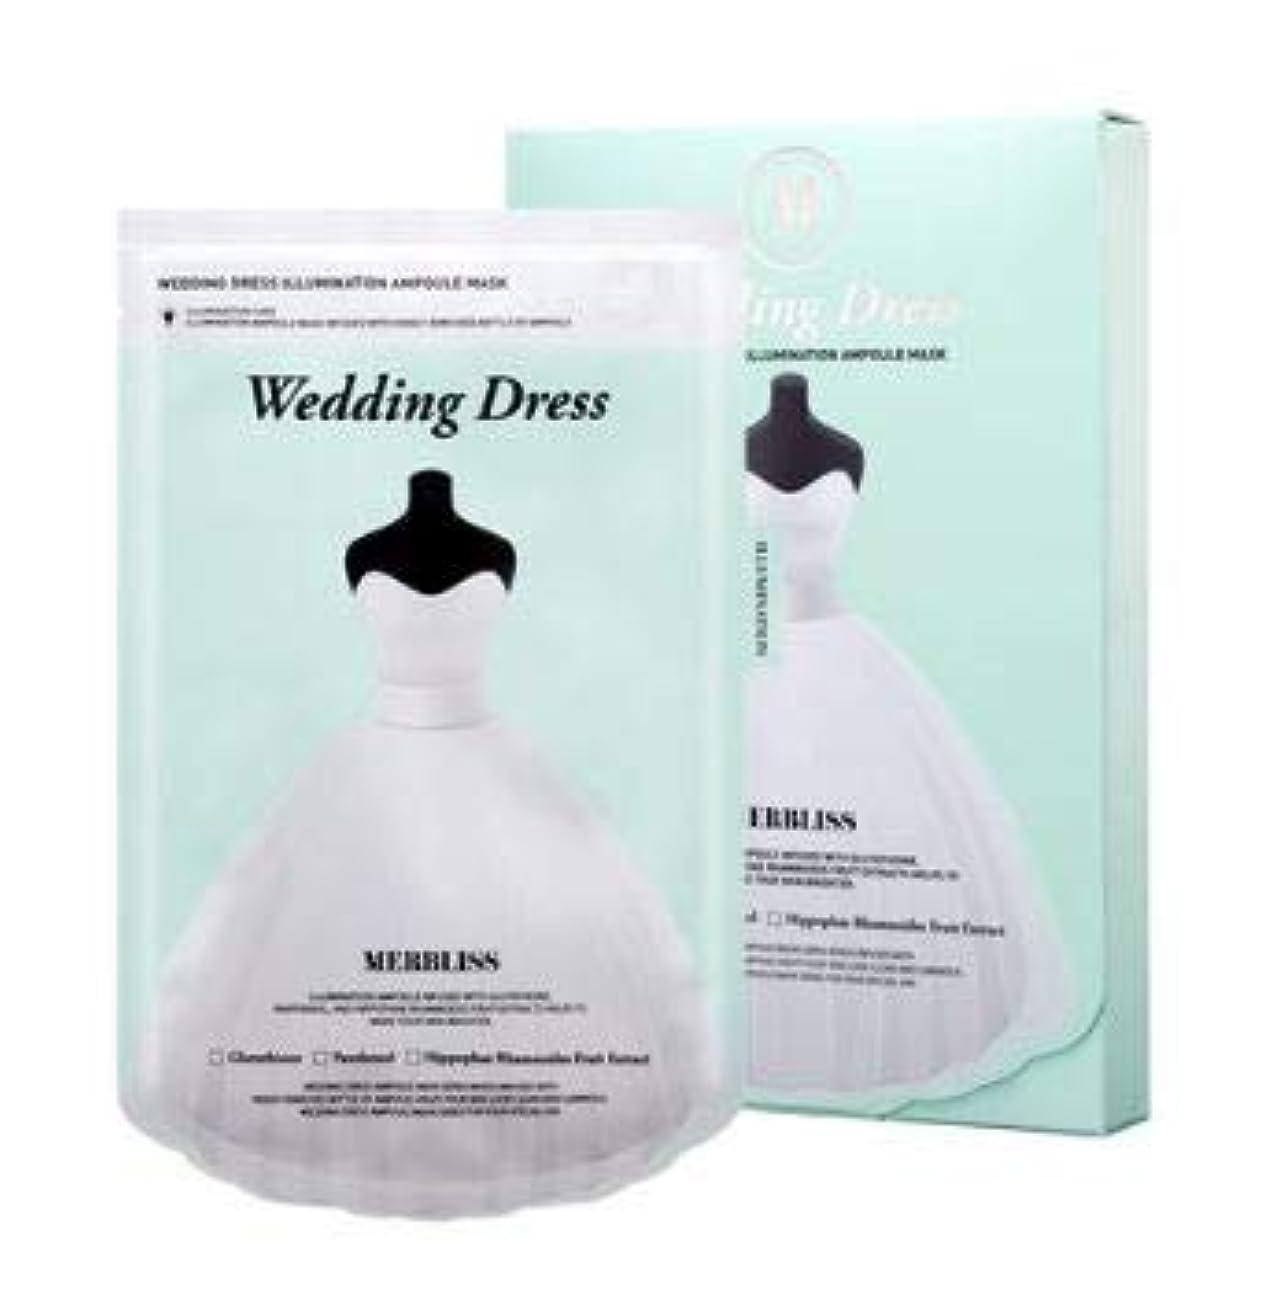 攻撃人口変色する[Merbliss] Wedding Dress Illumination Ampoule Mask 25gx5ea /ウェディングドレスイルミネーションアンプルマスク25gx5枚 [並行輸入品]